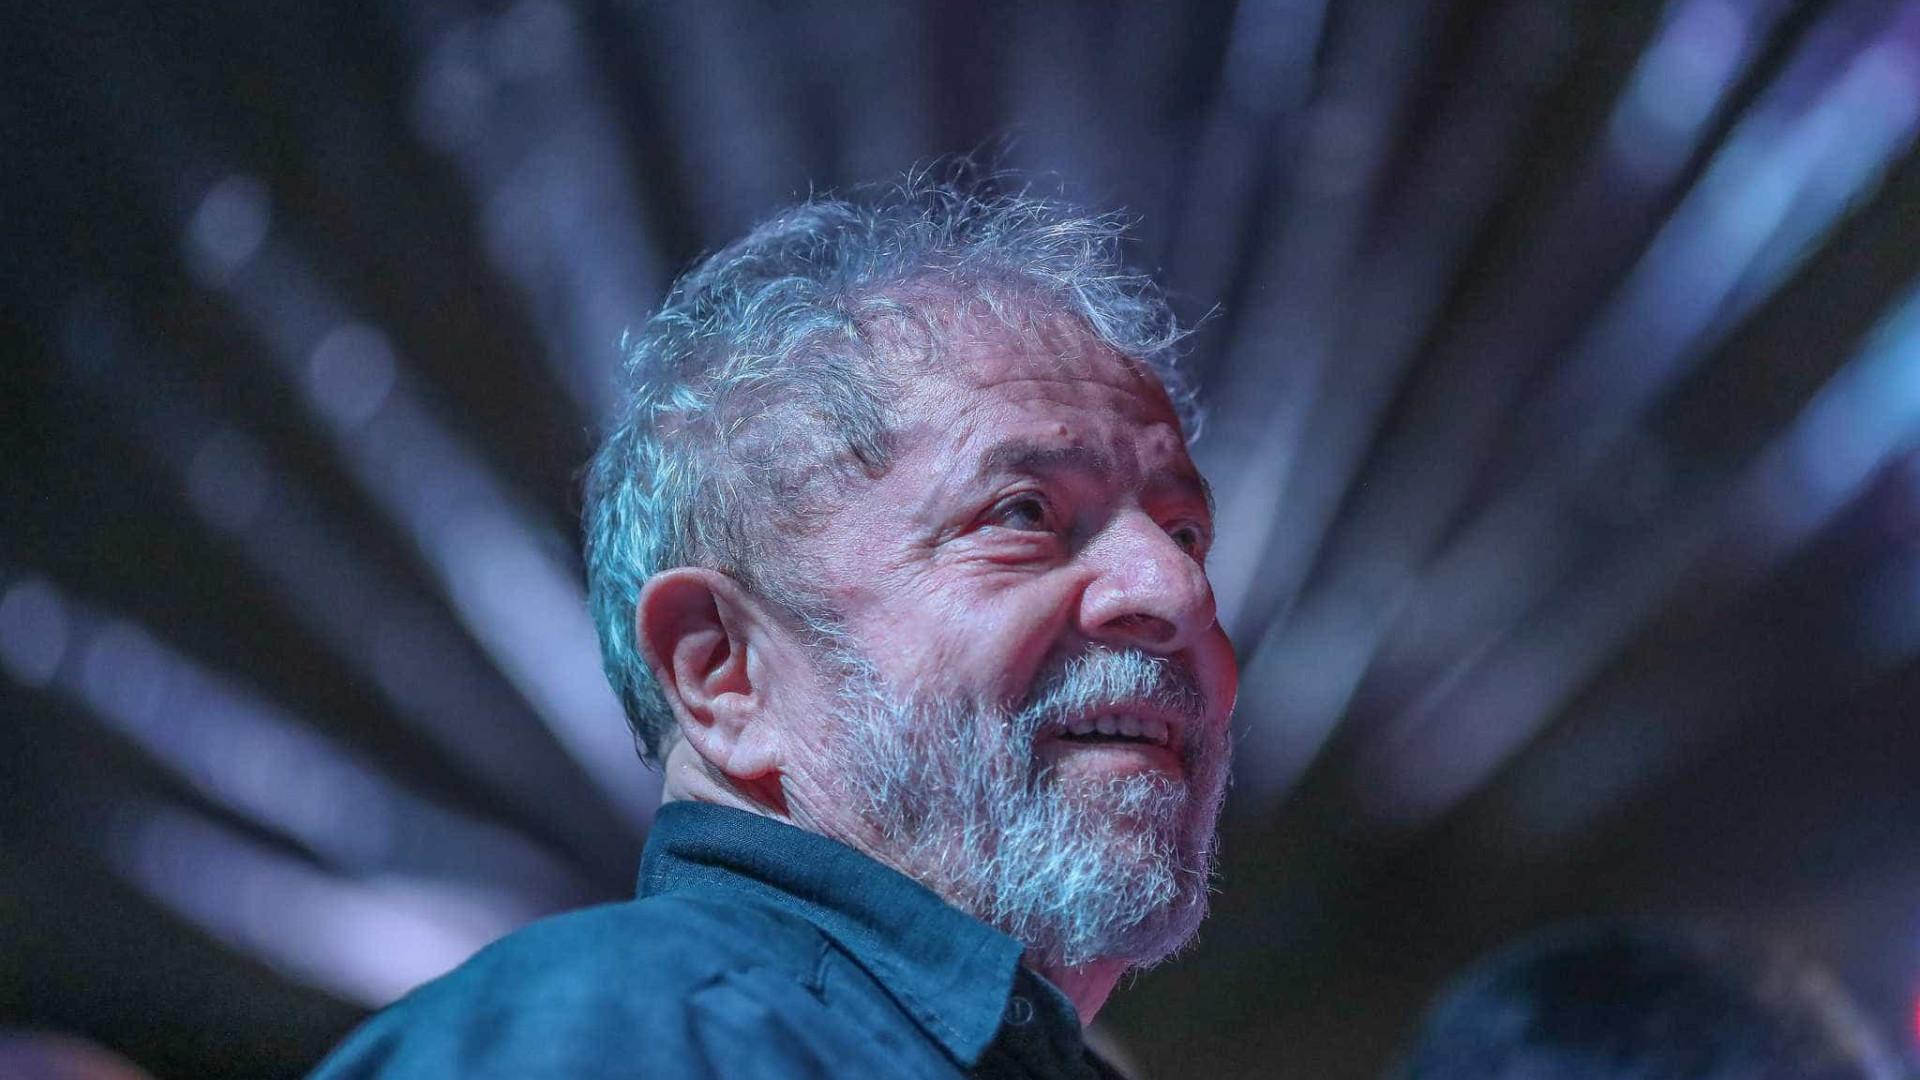 Assessoria de Lula rebate Palocci após delação: 'Inventando histórias'